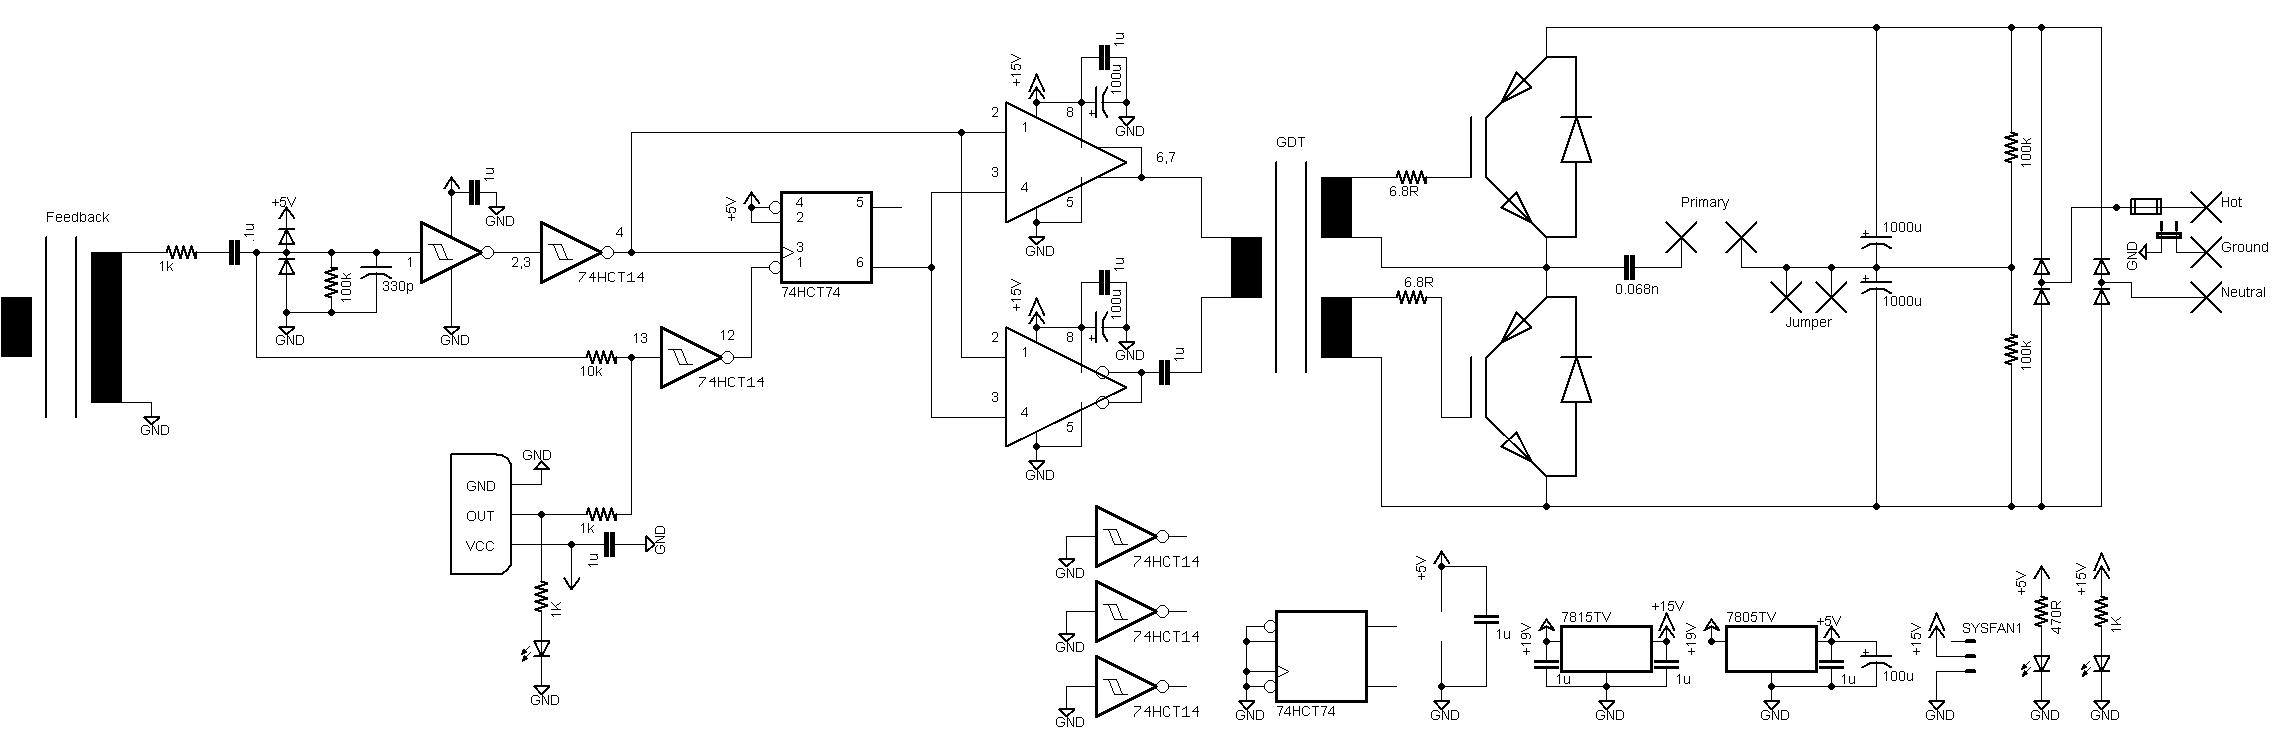 oneTesla Schematic 220V - flame speaker